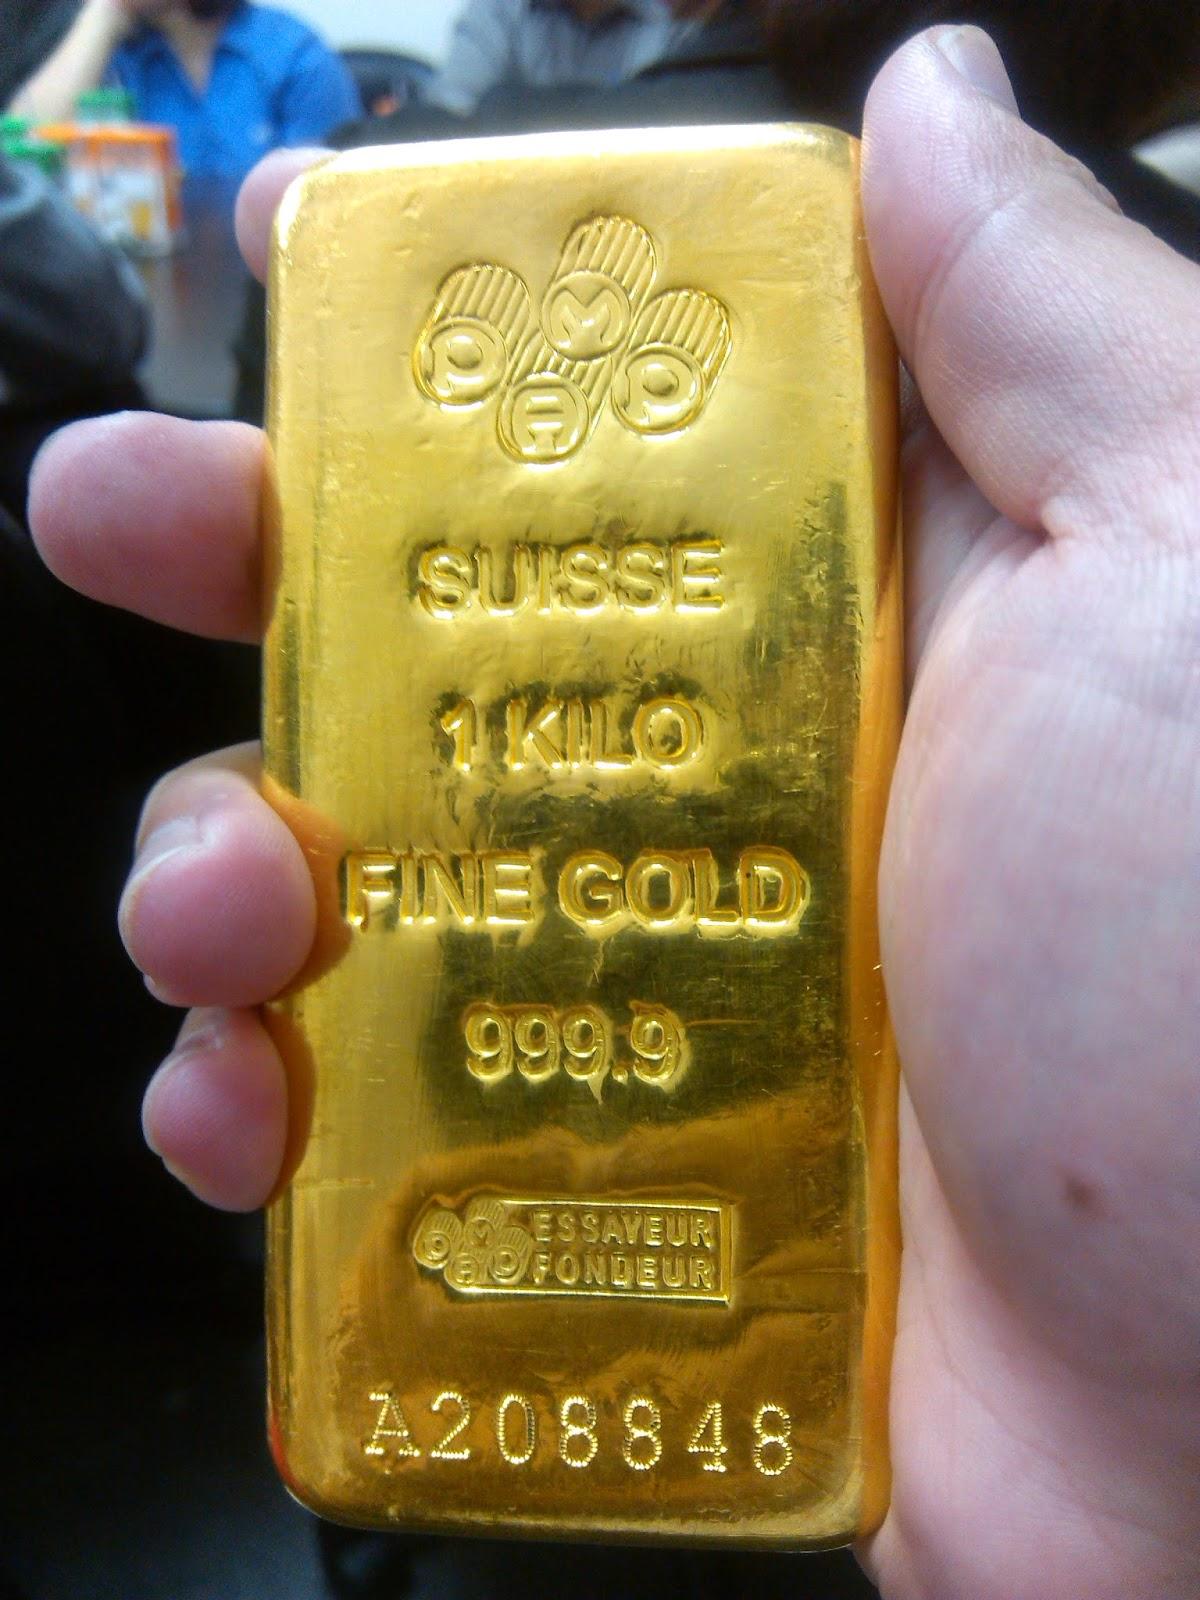 不為人知的暗黑投資界: 兩年後買回的黃金?找人買黃金還能賺錢?